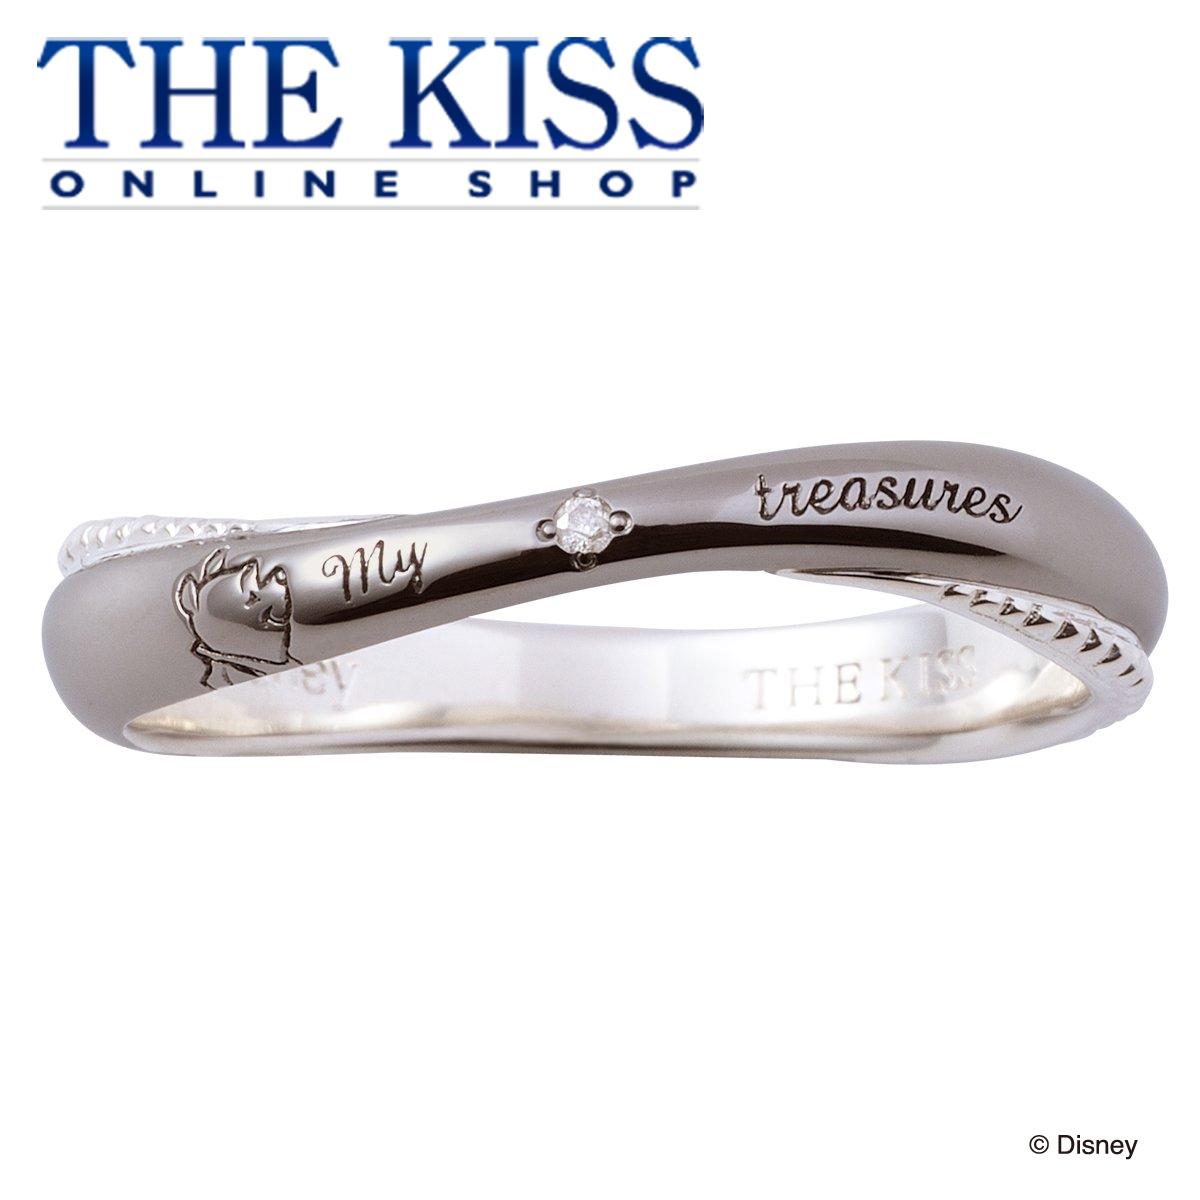 【あす楽対応】【ディズニーコレクション】 ディズニー / ペアリング / くまのプーさん / THE KISS リング・指輪 シルバー ダイヤモンド (メンズ 単品) DI-SR451DM ザキス 【送料無料】【Disneyzone】